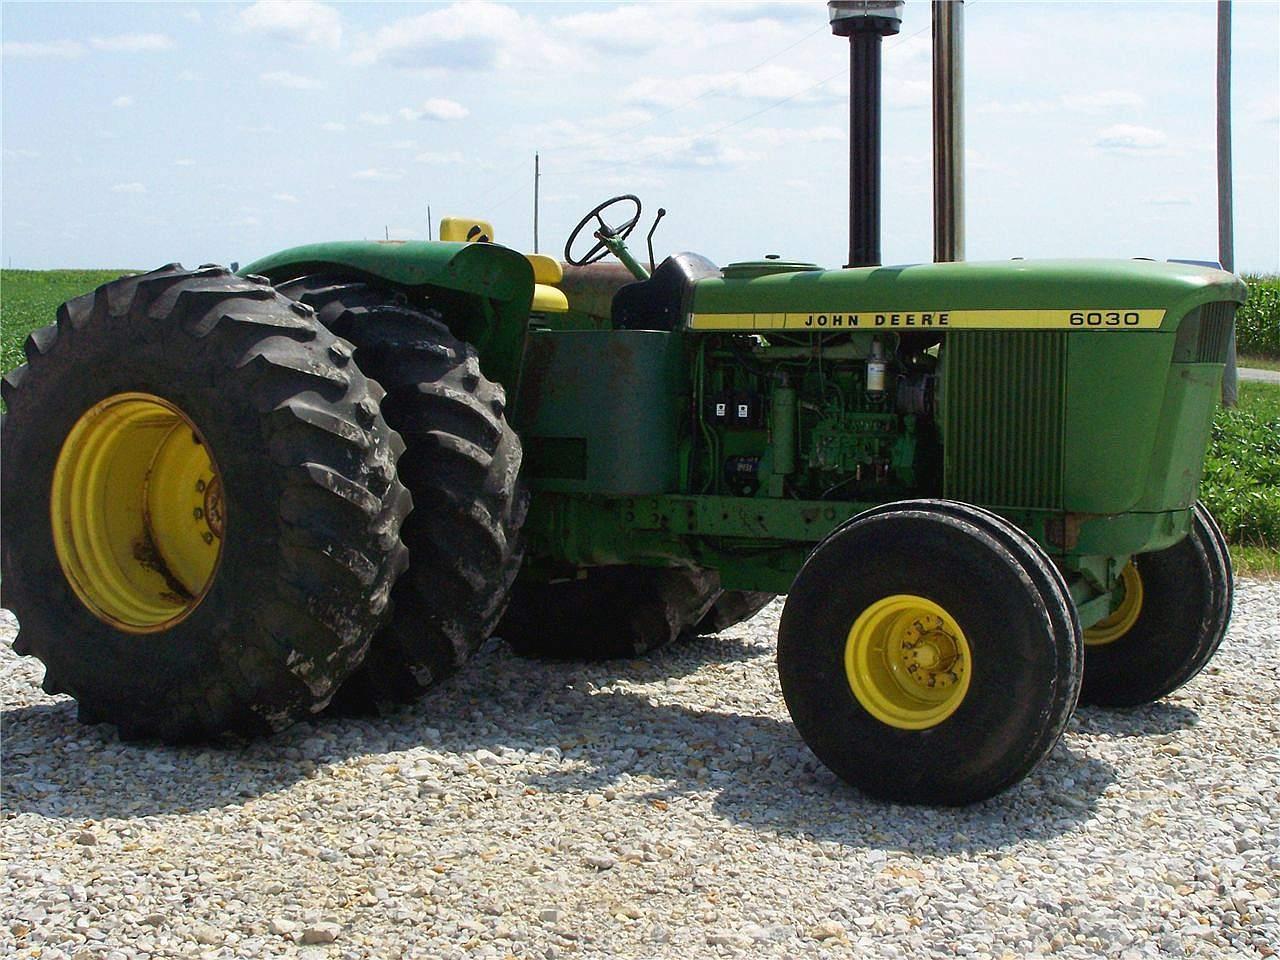 John Deere Wikipedia >> John Deere 6030 Tractor Construction Plant Wiki Fandom